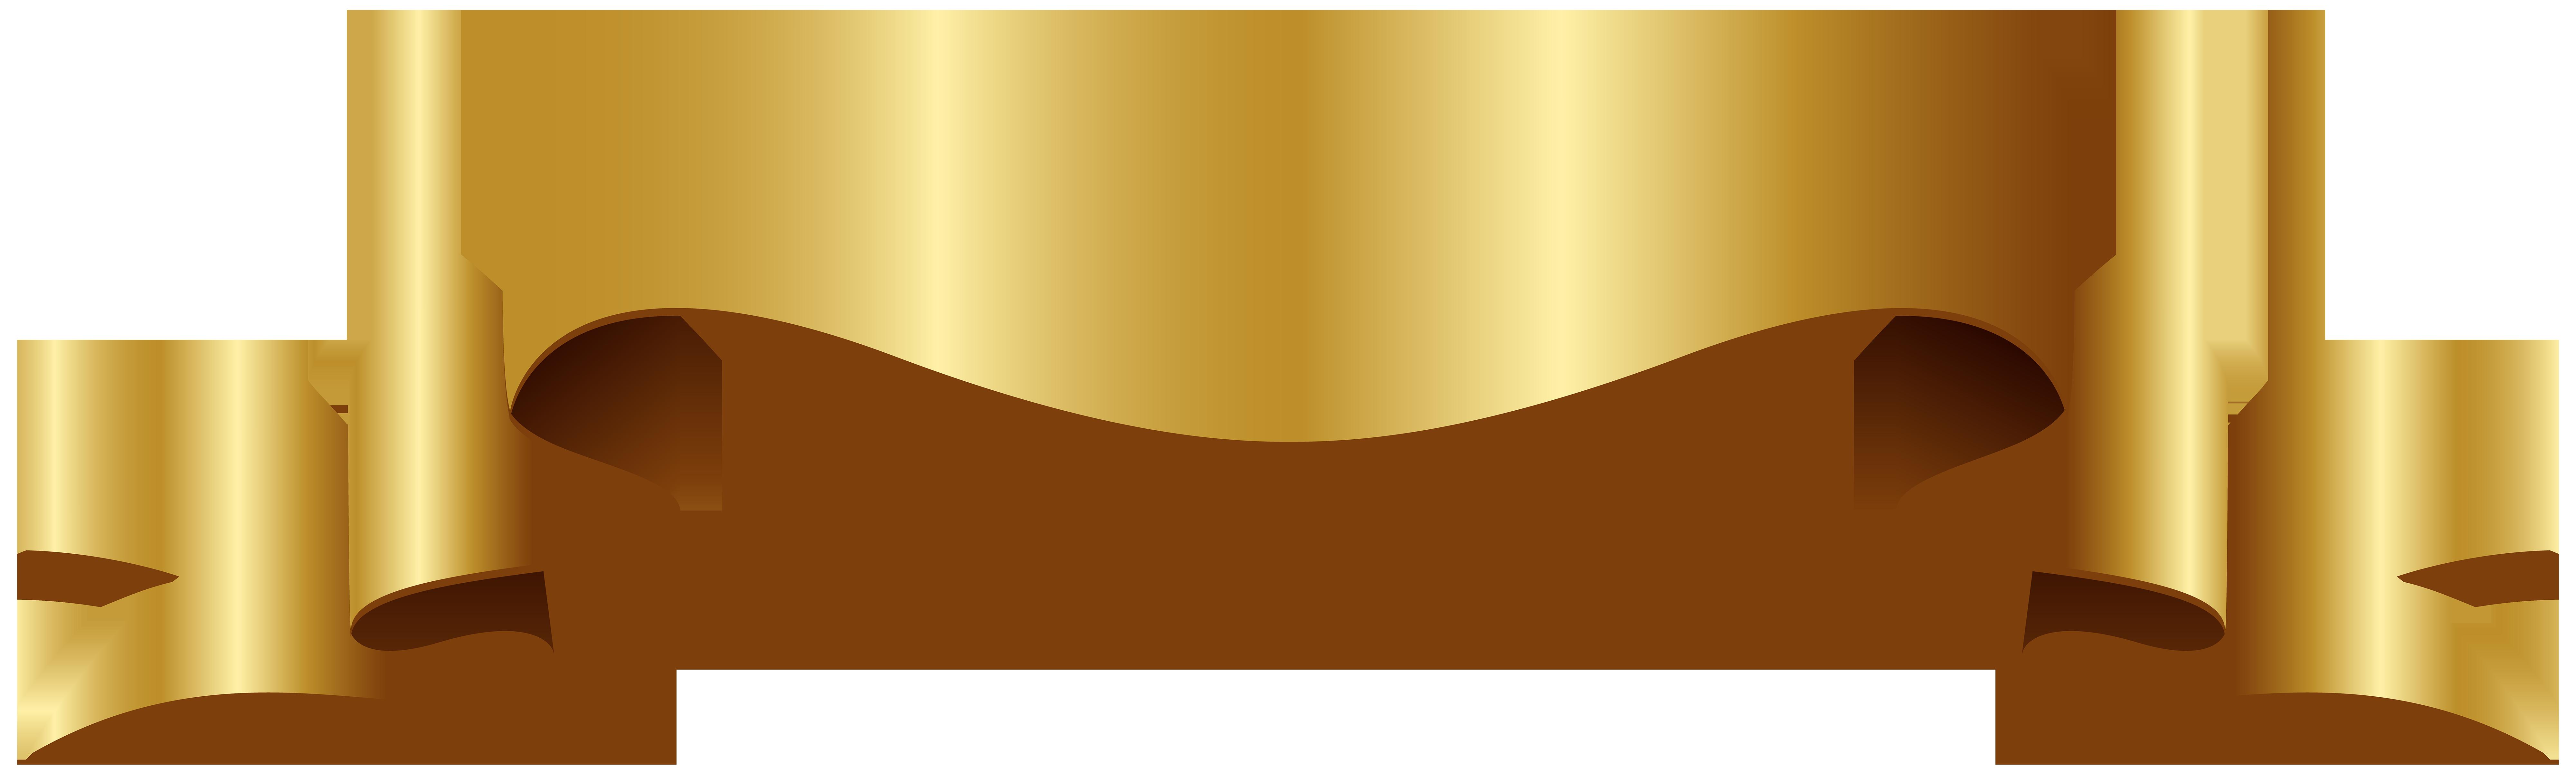 Guns clipart banner. Golden gold button